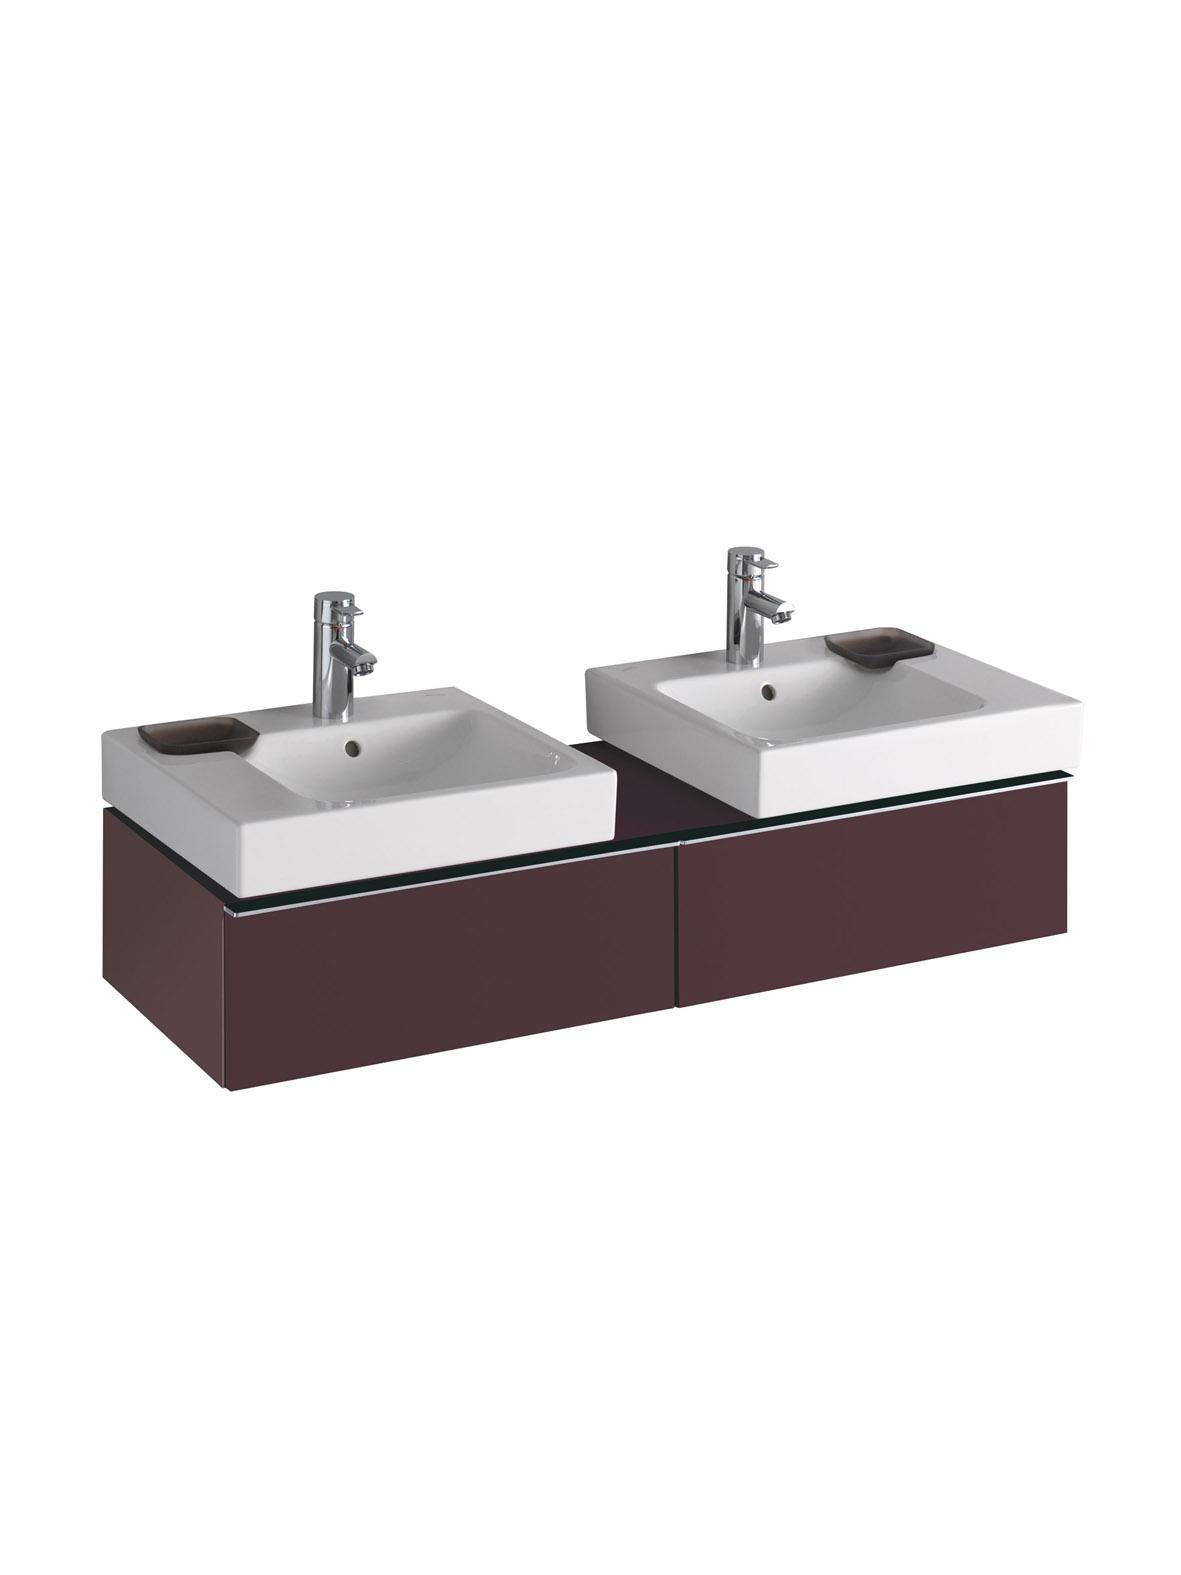 koupelnový nábytek KERAMAG Icon levá+pravá burgundy